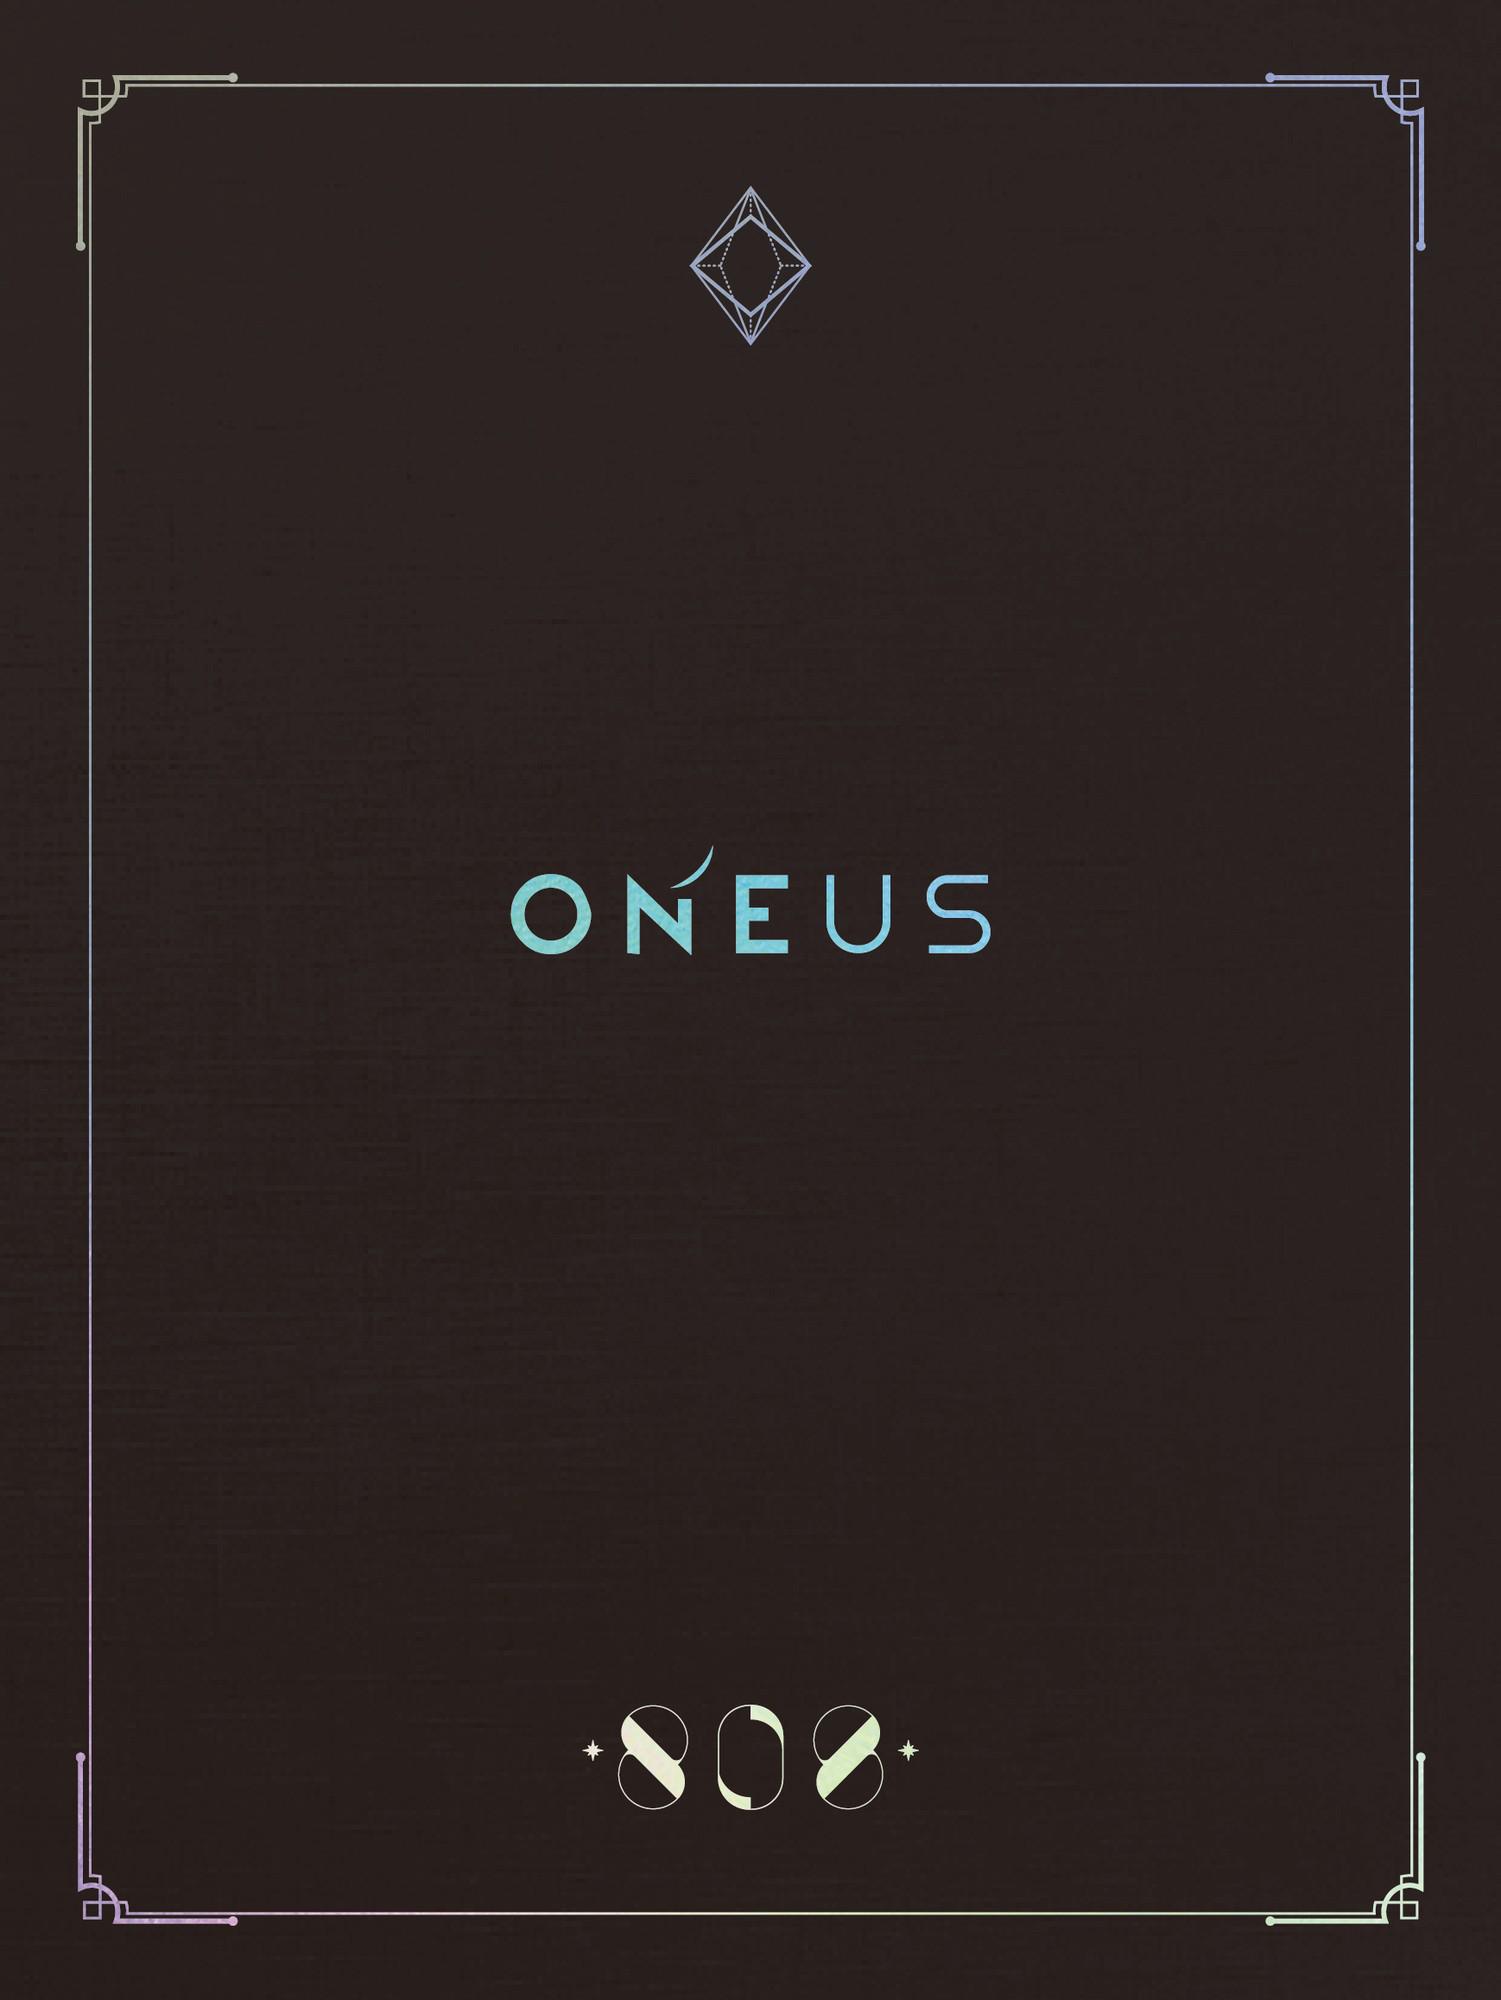 808 (ONEUS)